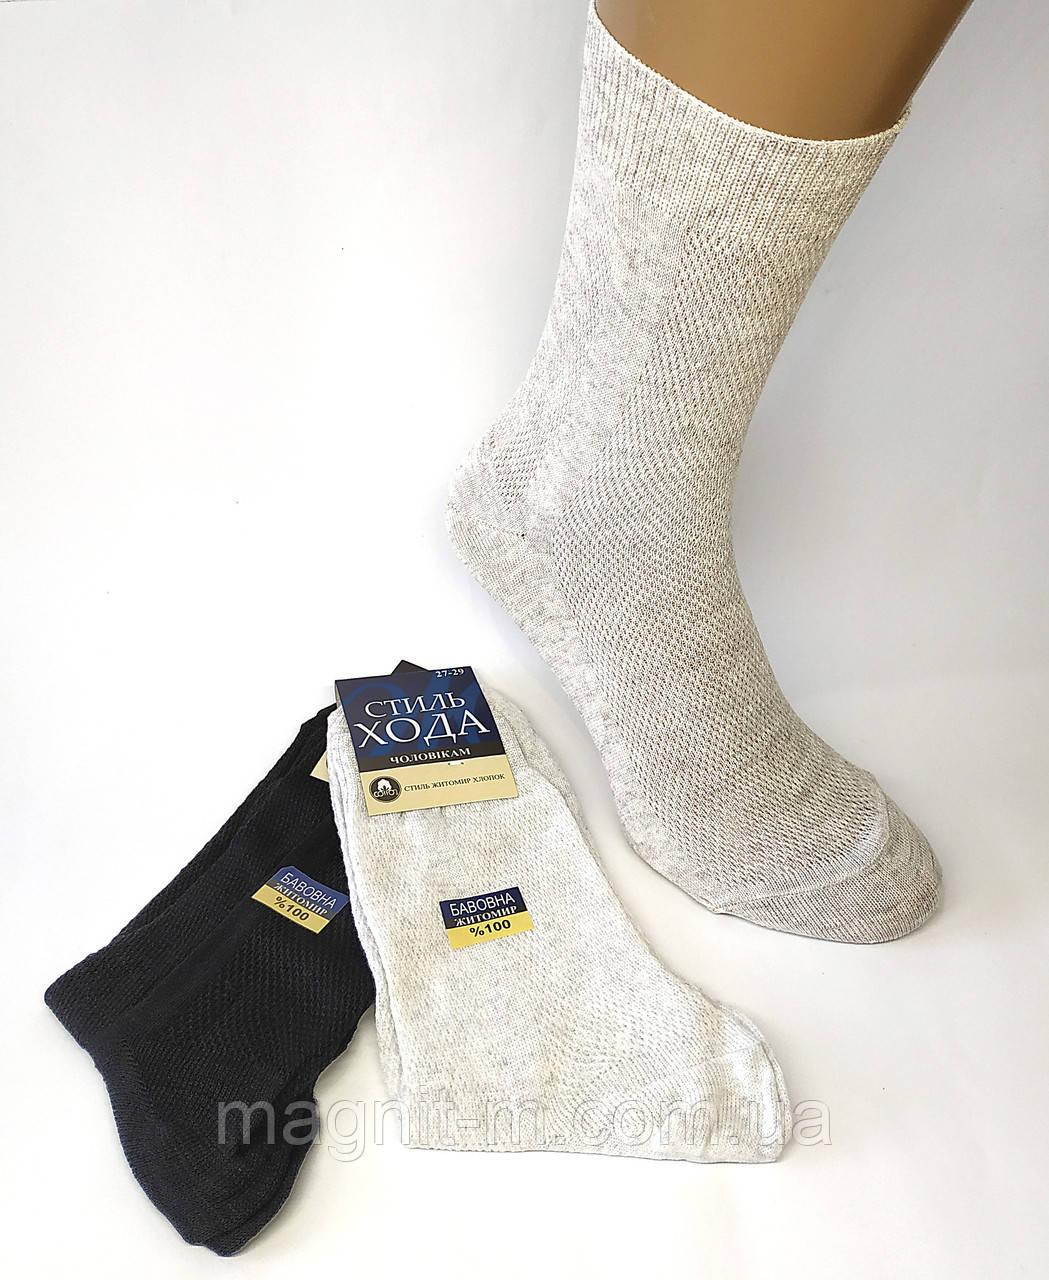 """Высокие летние носки """"Стиль хода"""". Со вставками из сетки. Р-р 25-27."""